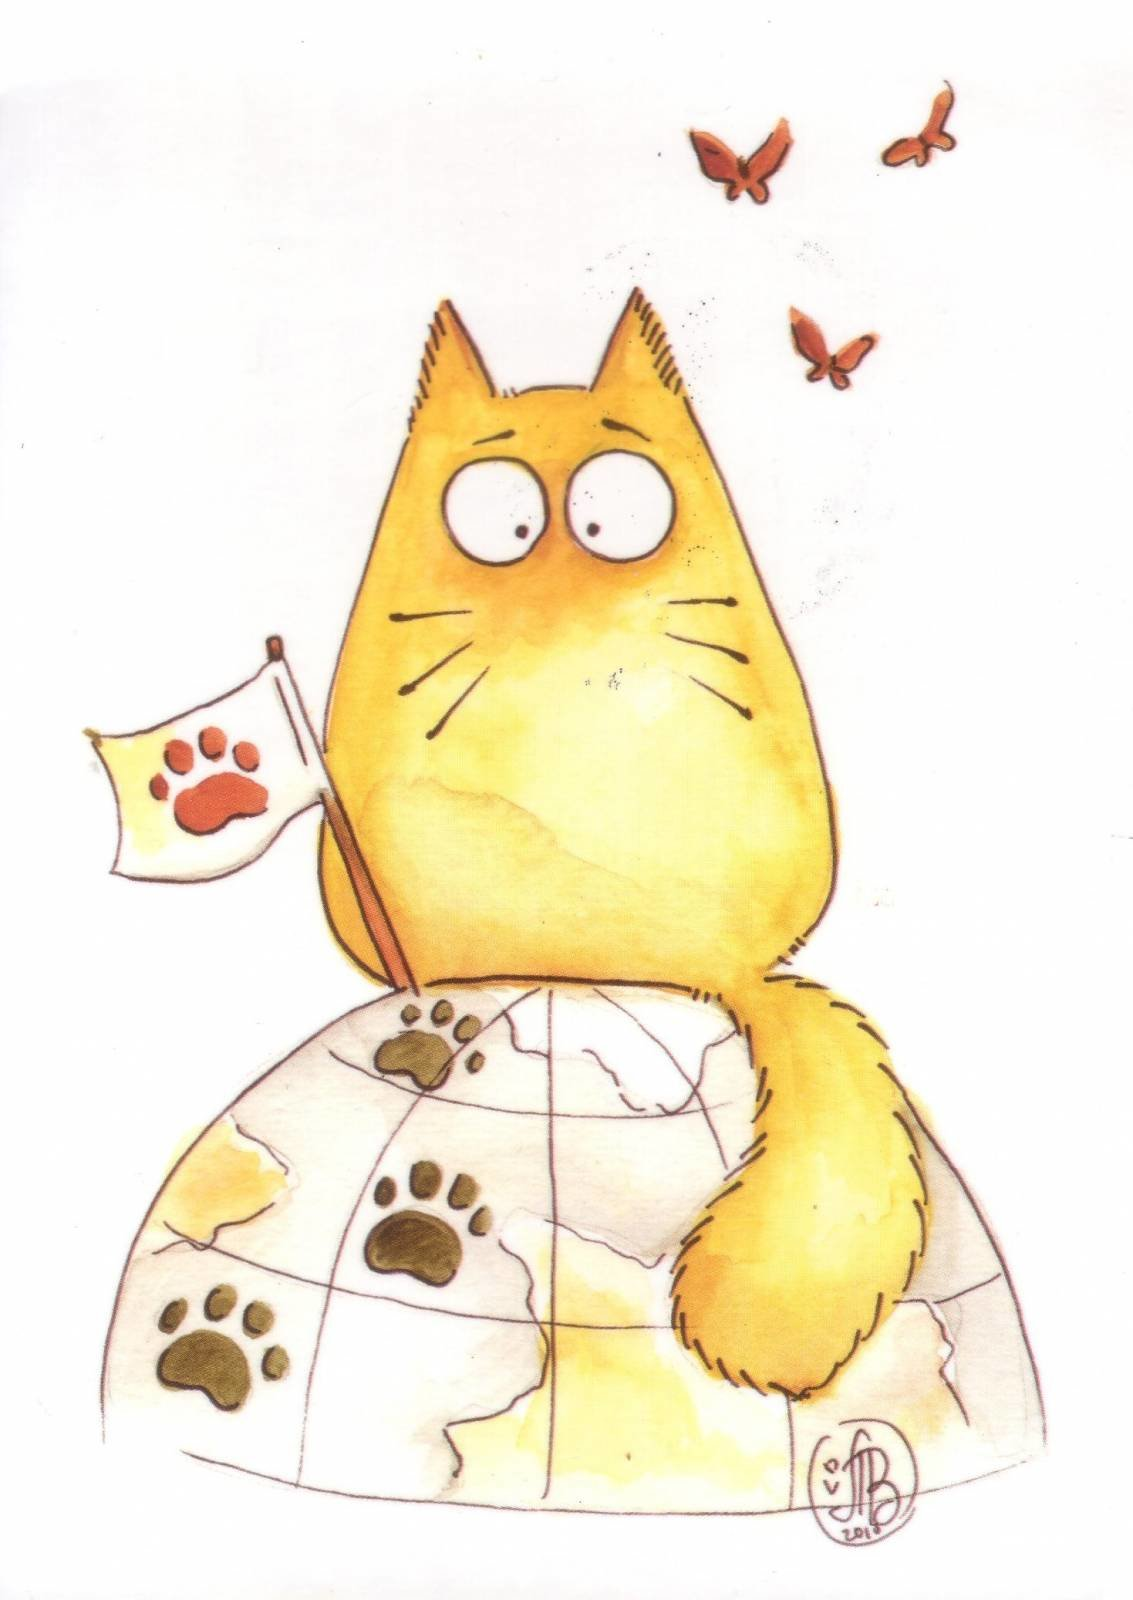 Как нарисовать прикольные рисунки кошек, открытки скрапбукинга скетчи